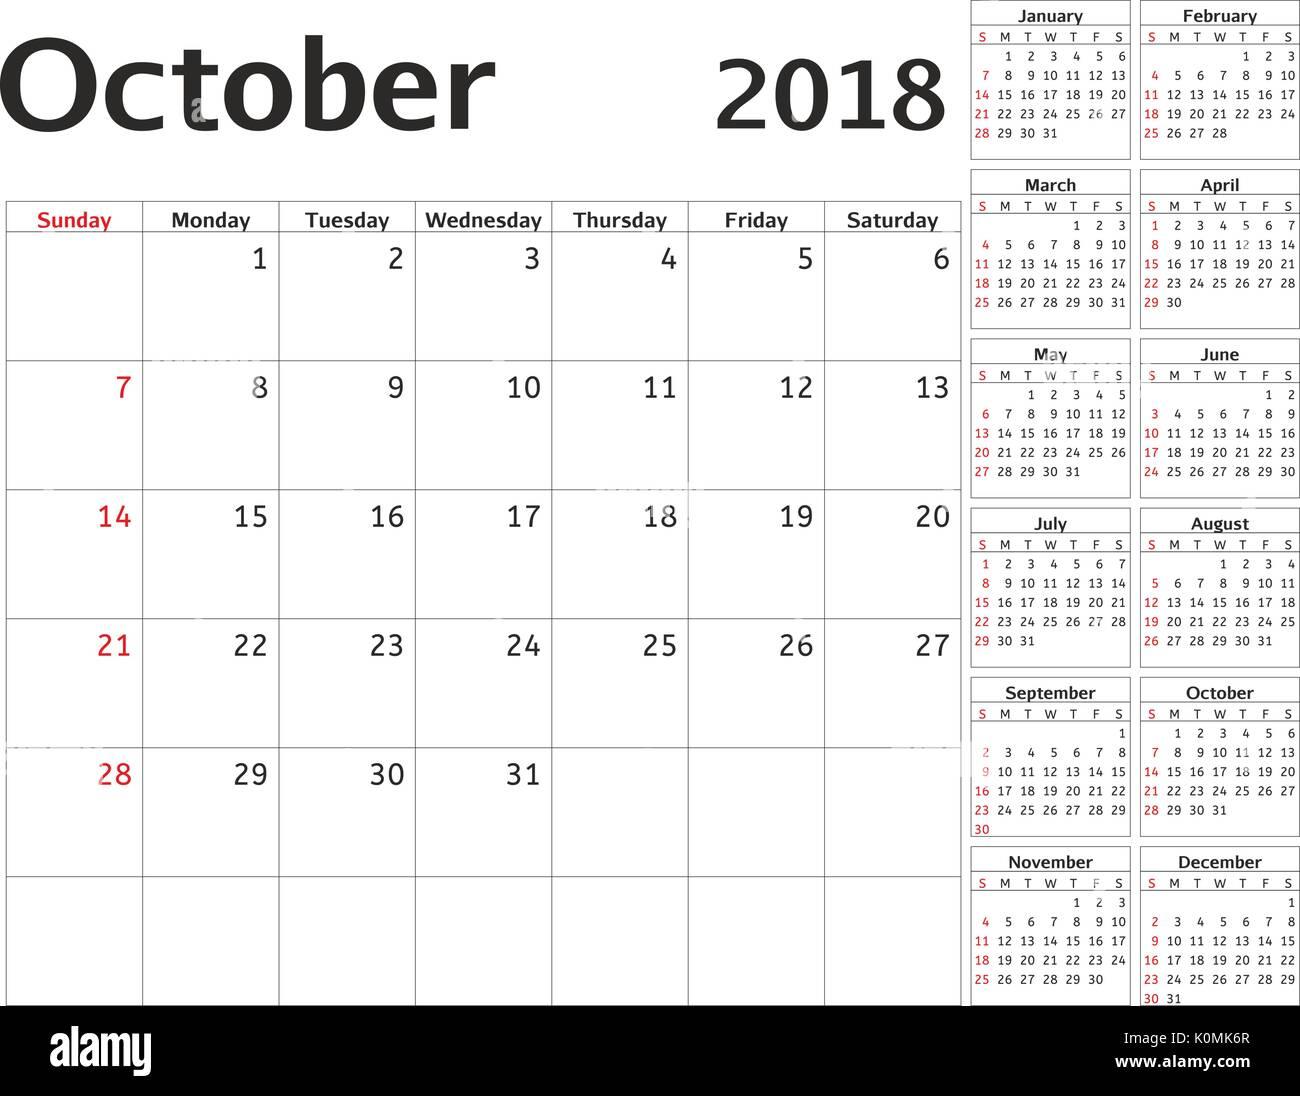 einfacher kalender planer f r 2018 jahr vektor design. Black Bedroom Furniture Sets. Home Design Ideas